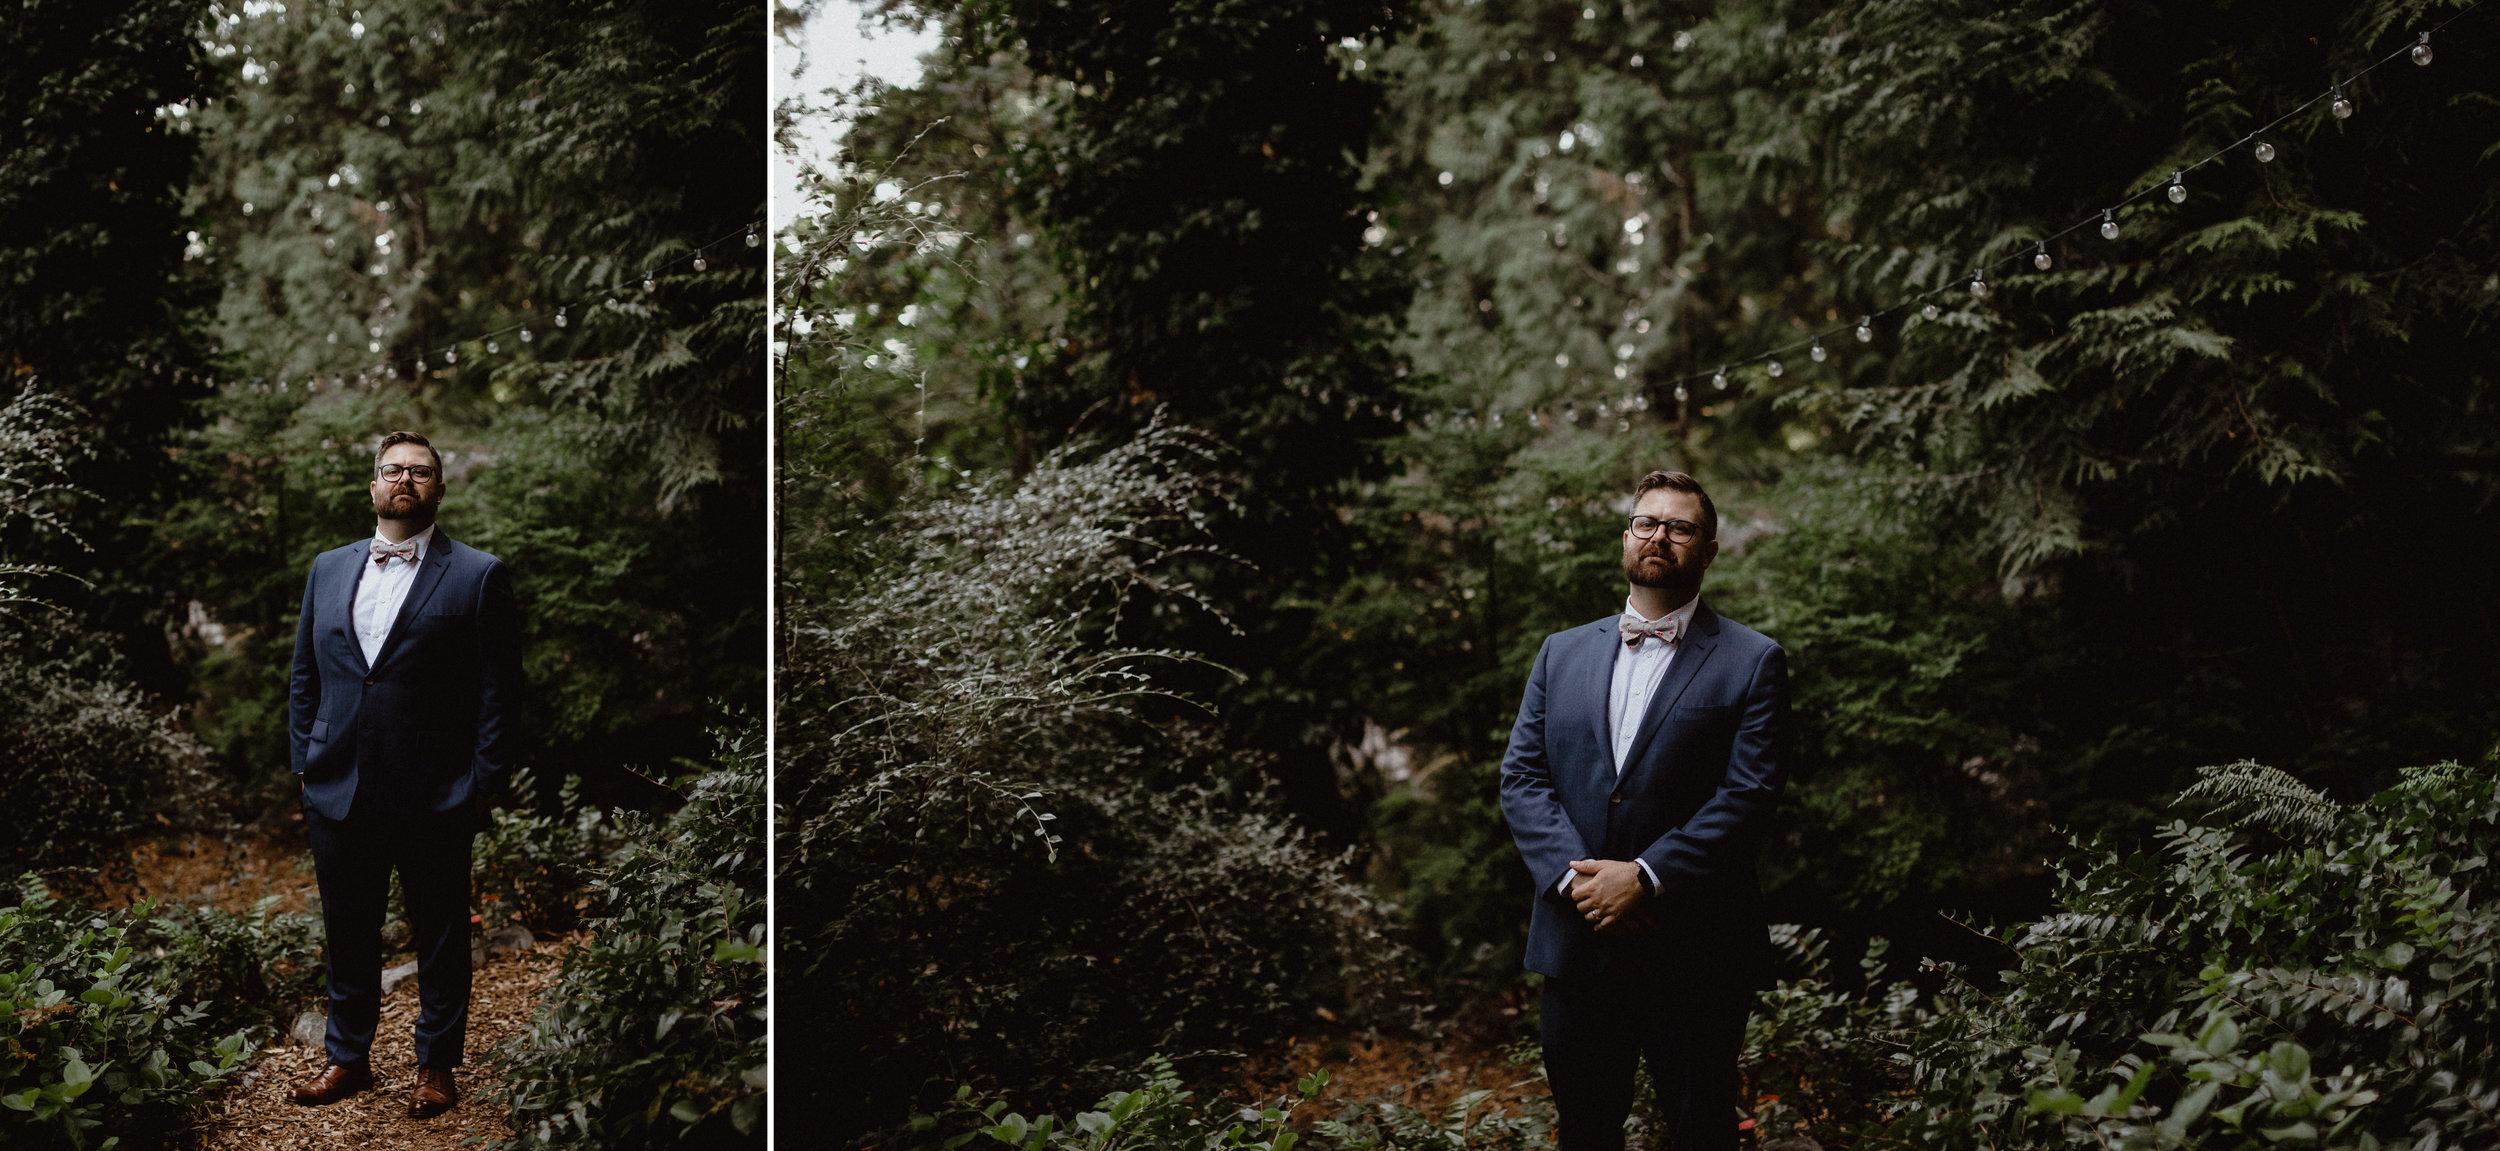 west-vancouver-backyard-wedding-207.jpg